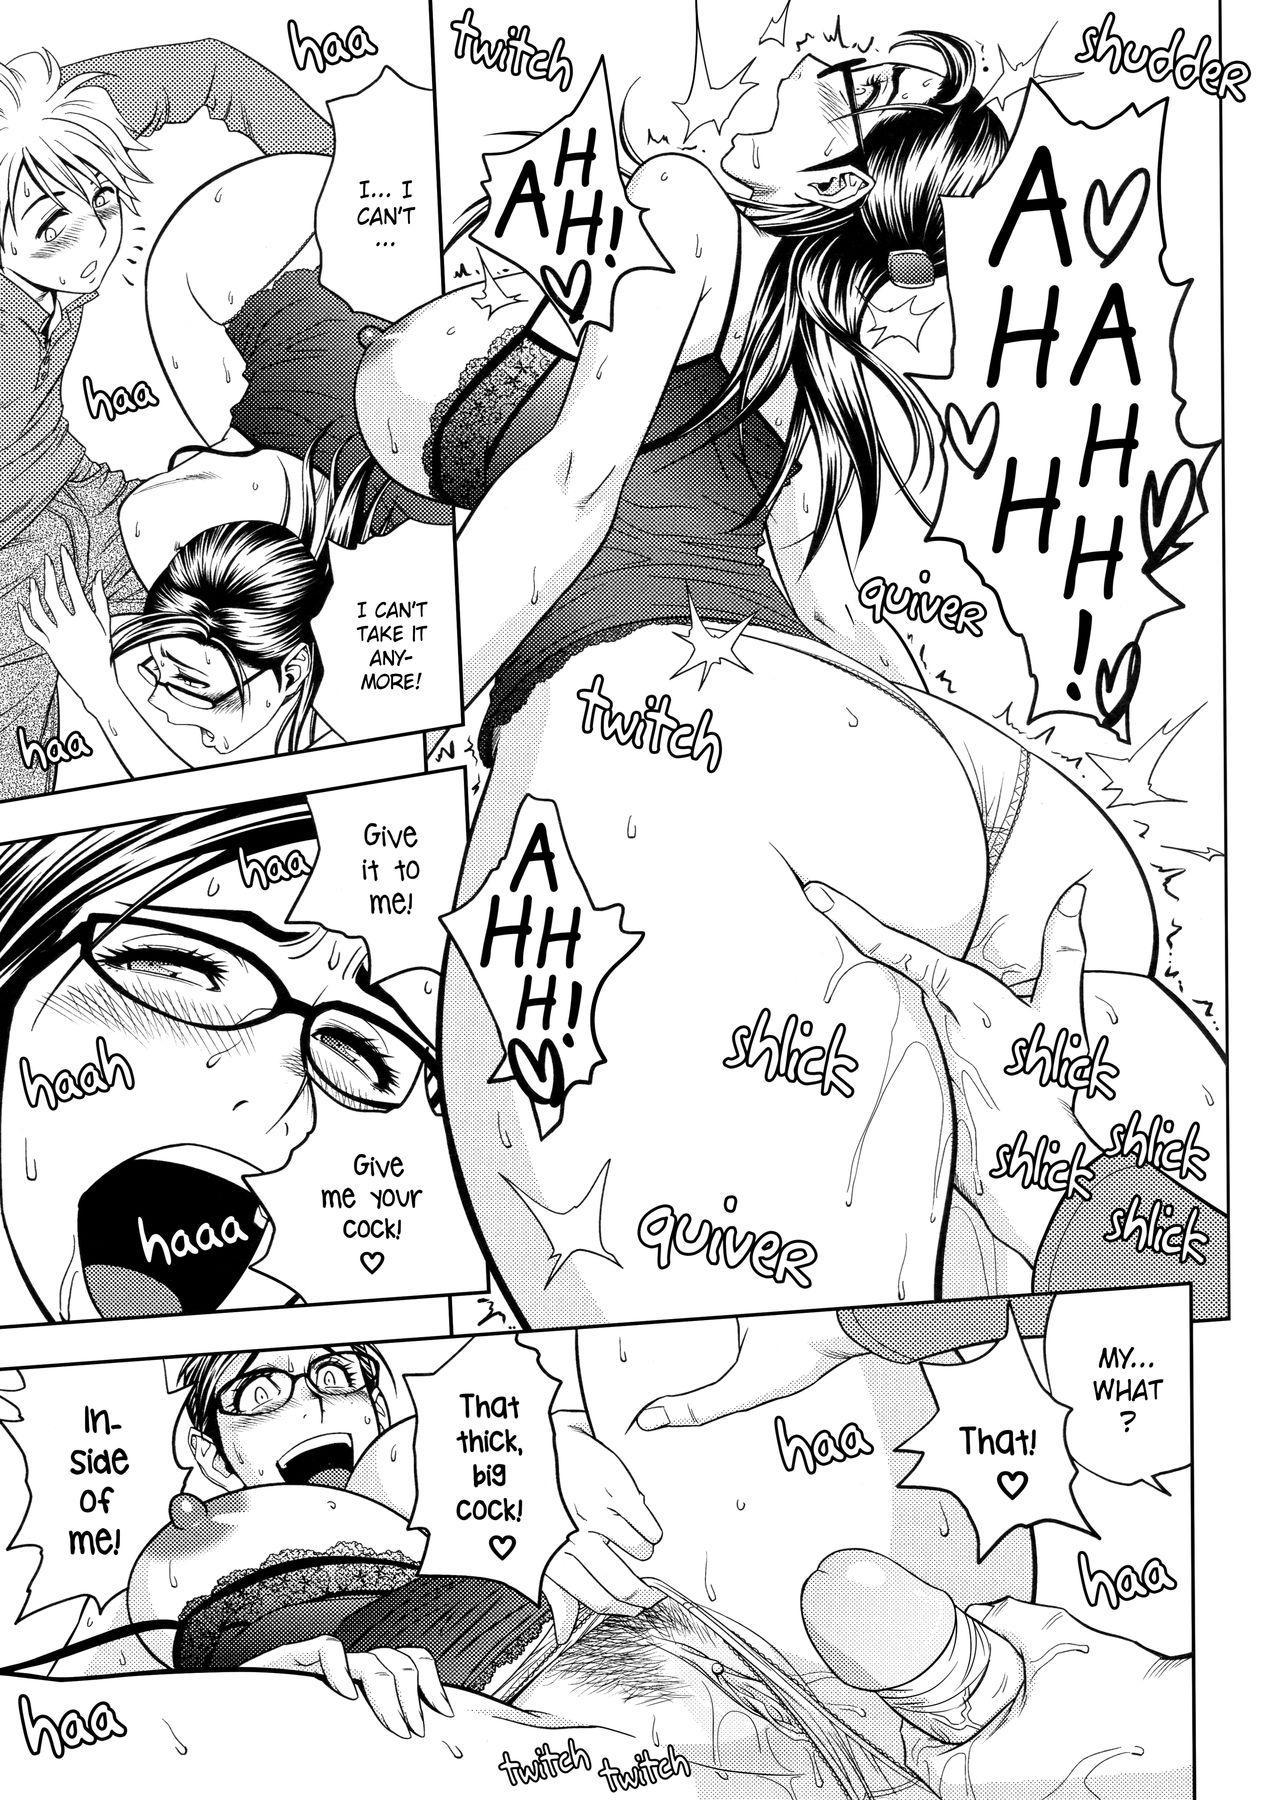 [Tatsunami Youtoku, Yamazaki Masato] Bijin Henshuu-chou no Himitsu | Beautiful Editor-in-Chief's Secret Ch. 1-7 [English] [Forbiddenfetish77, Red Vodka, Crystalium, CEDR777] [Decensored] 78